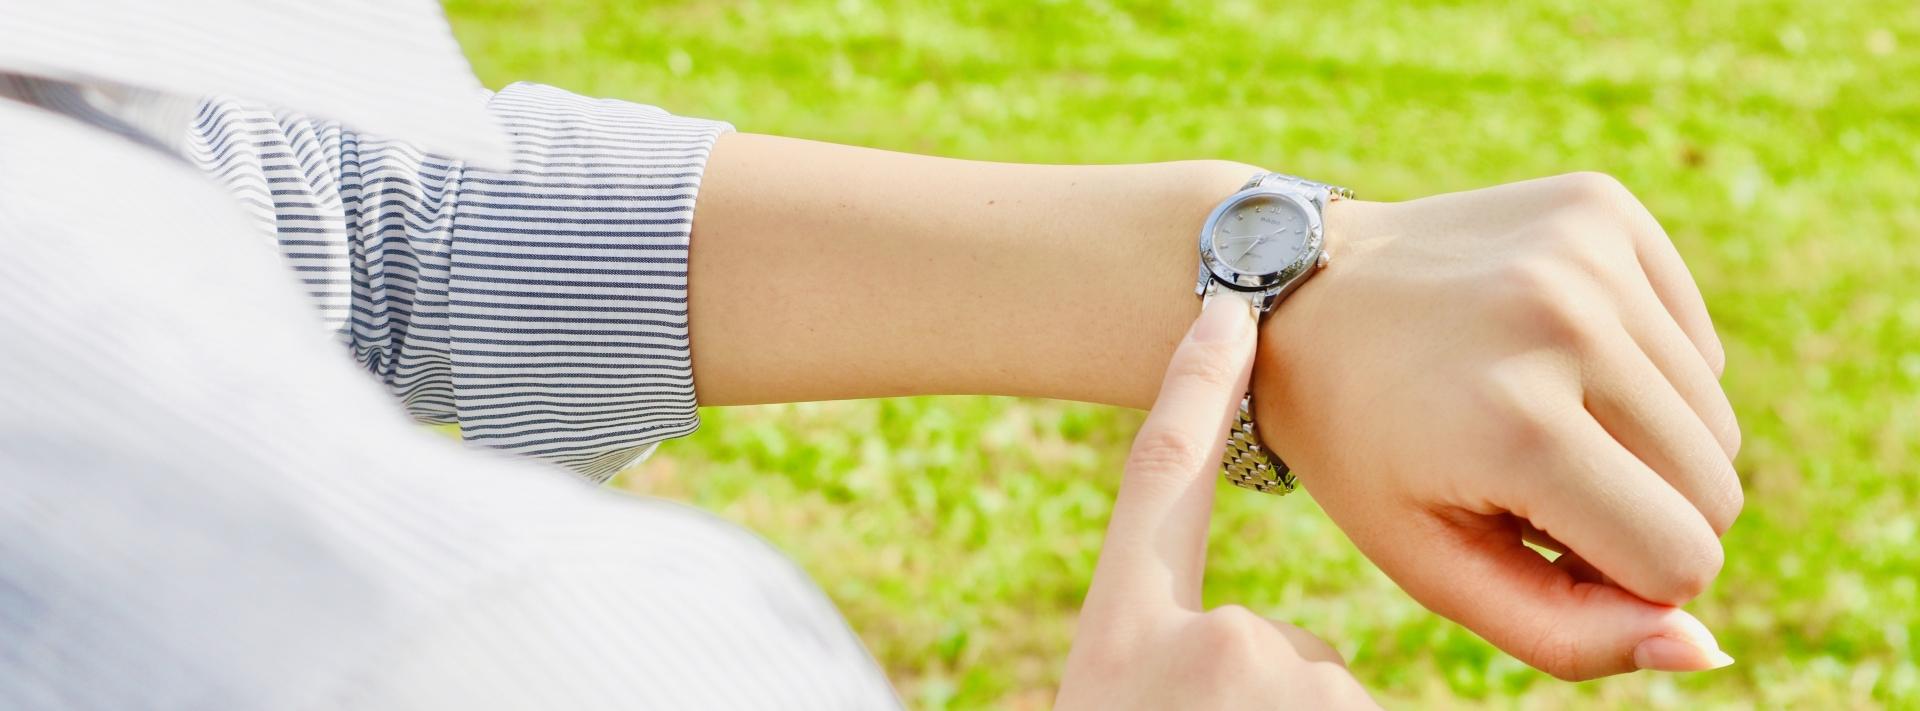 「ながらすたいる」をに向いている人とはどんな人か|ながらすたいる www.bixlix.com